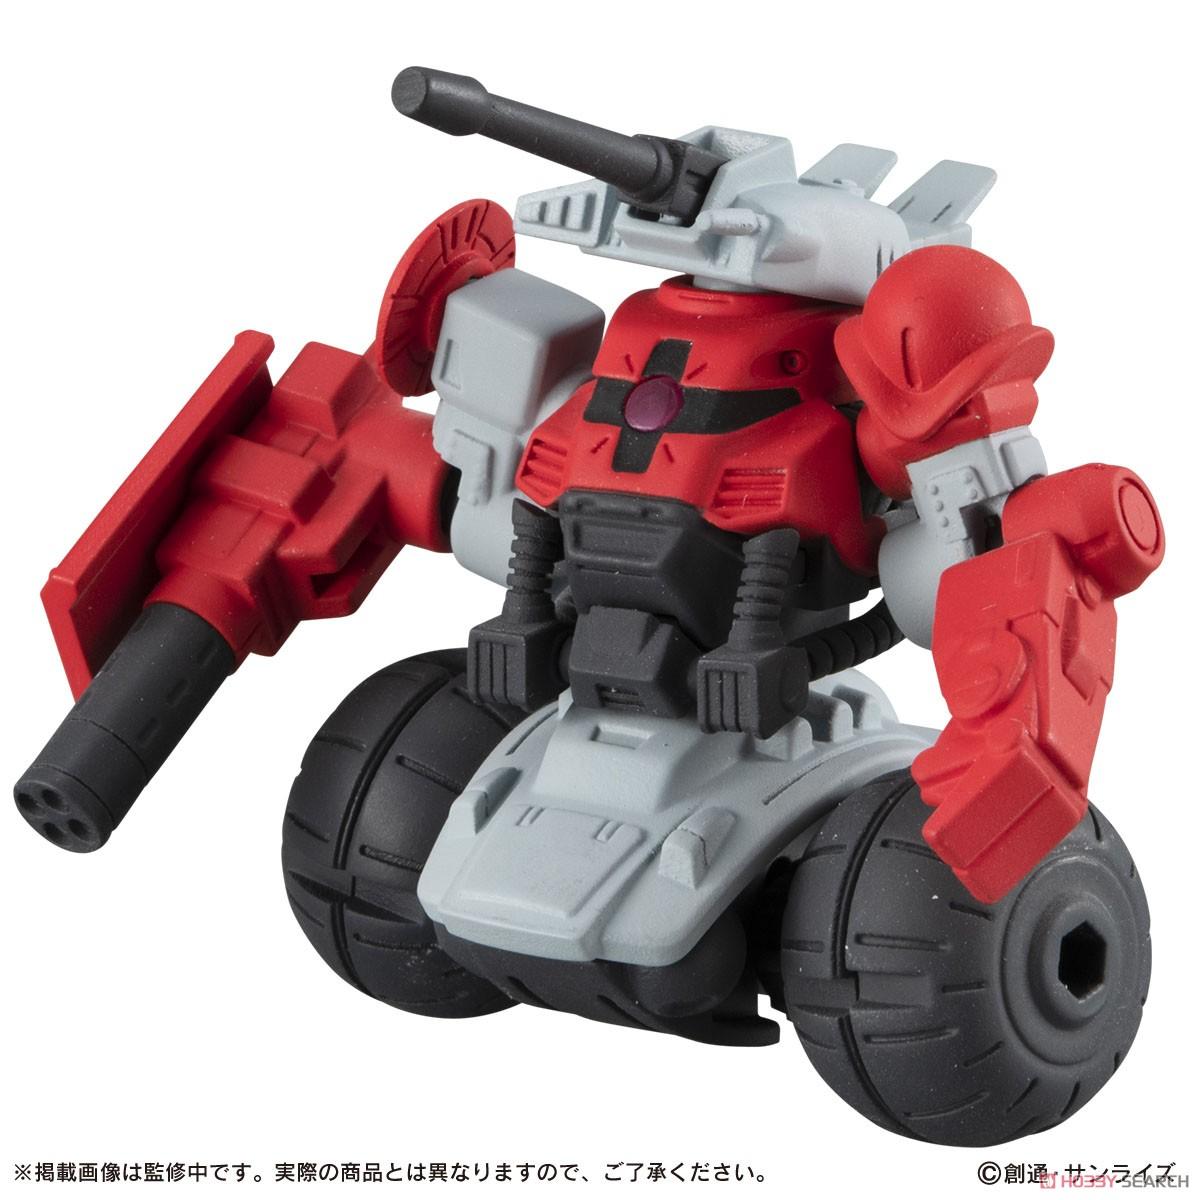 機動戦士ガンダム『MOBILE SUIT ENSEMBLE18』デフォルメ可動フィギュア 10個入りBOX-005